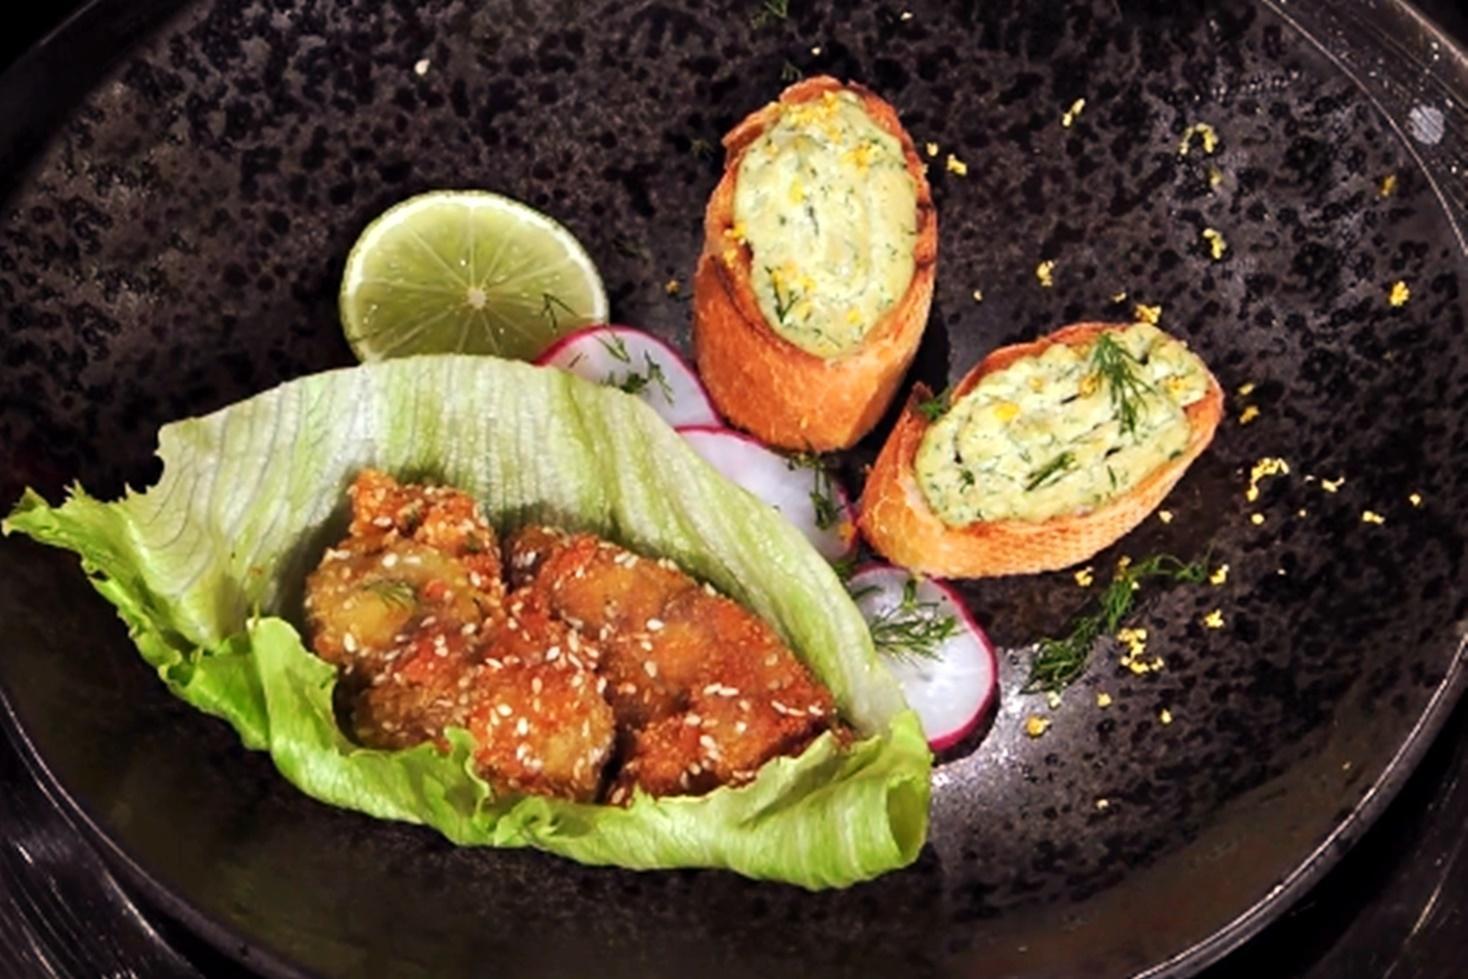 Chefi la cuțite 1 martie 2021. Rețetă de creier de porc cu ceapă si ouă pe crutoane de pâine și creier pane, gătită de Anca Fati